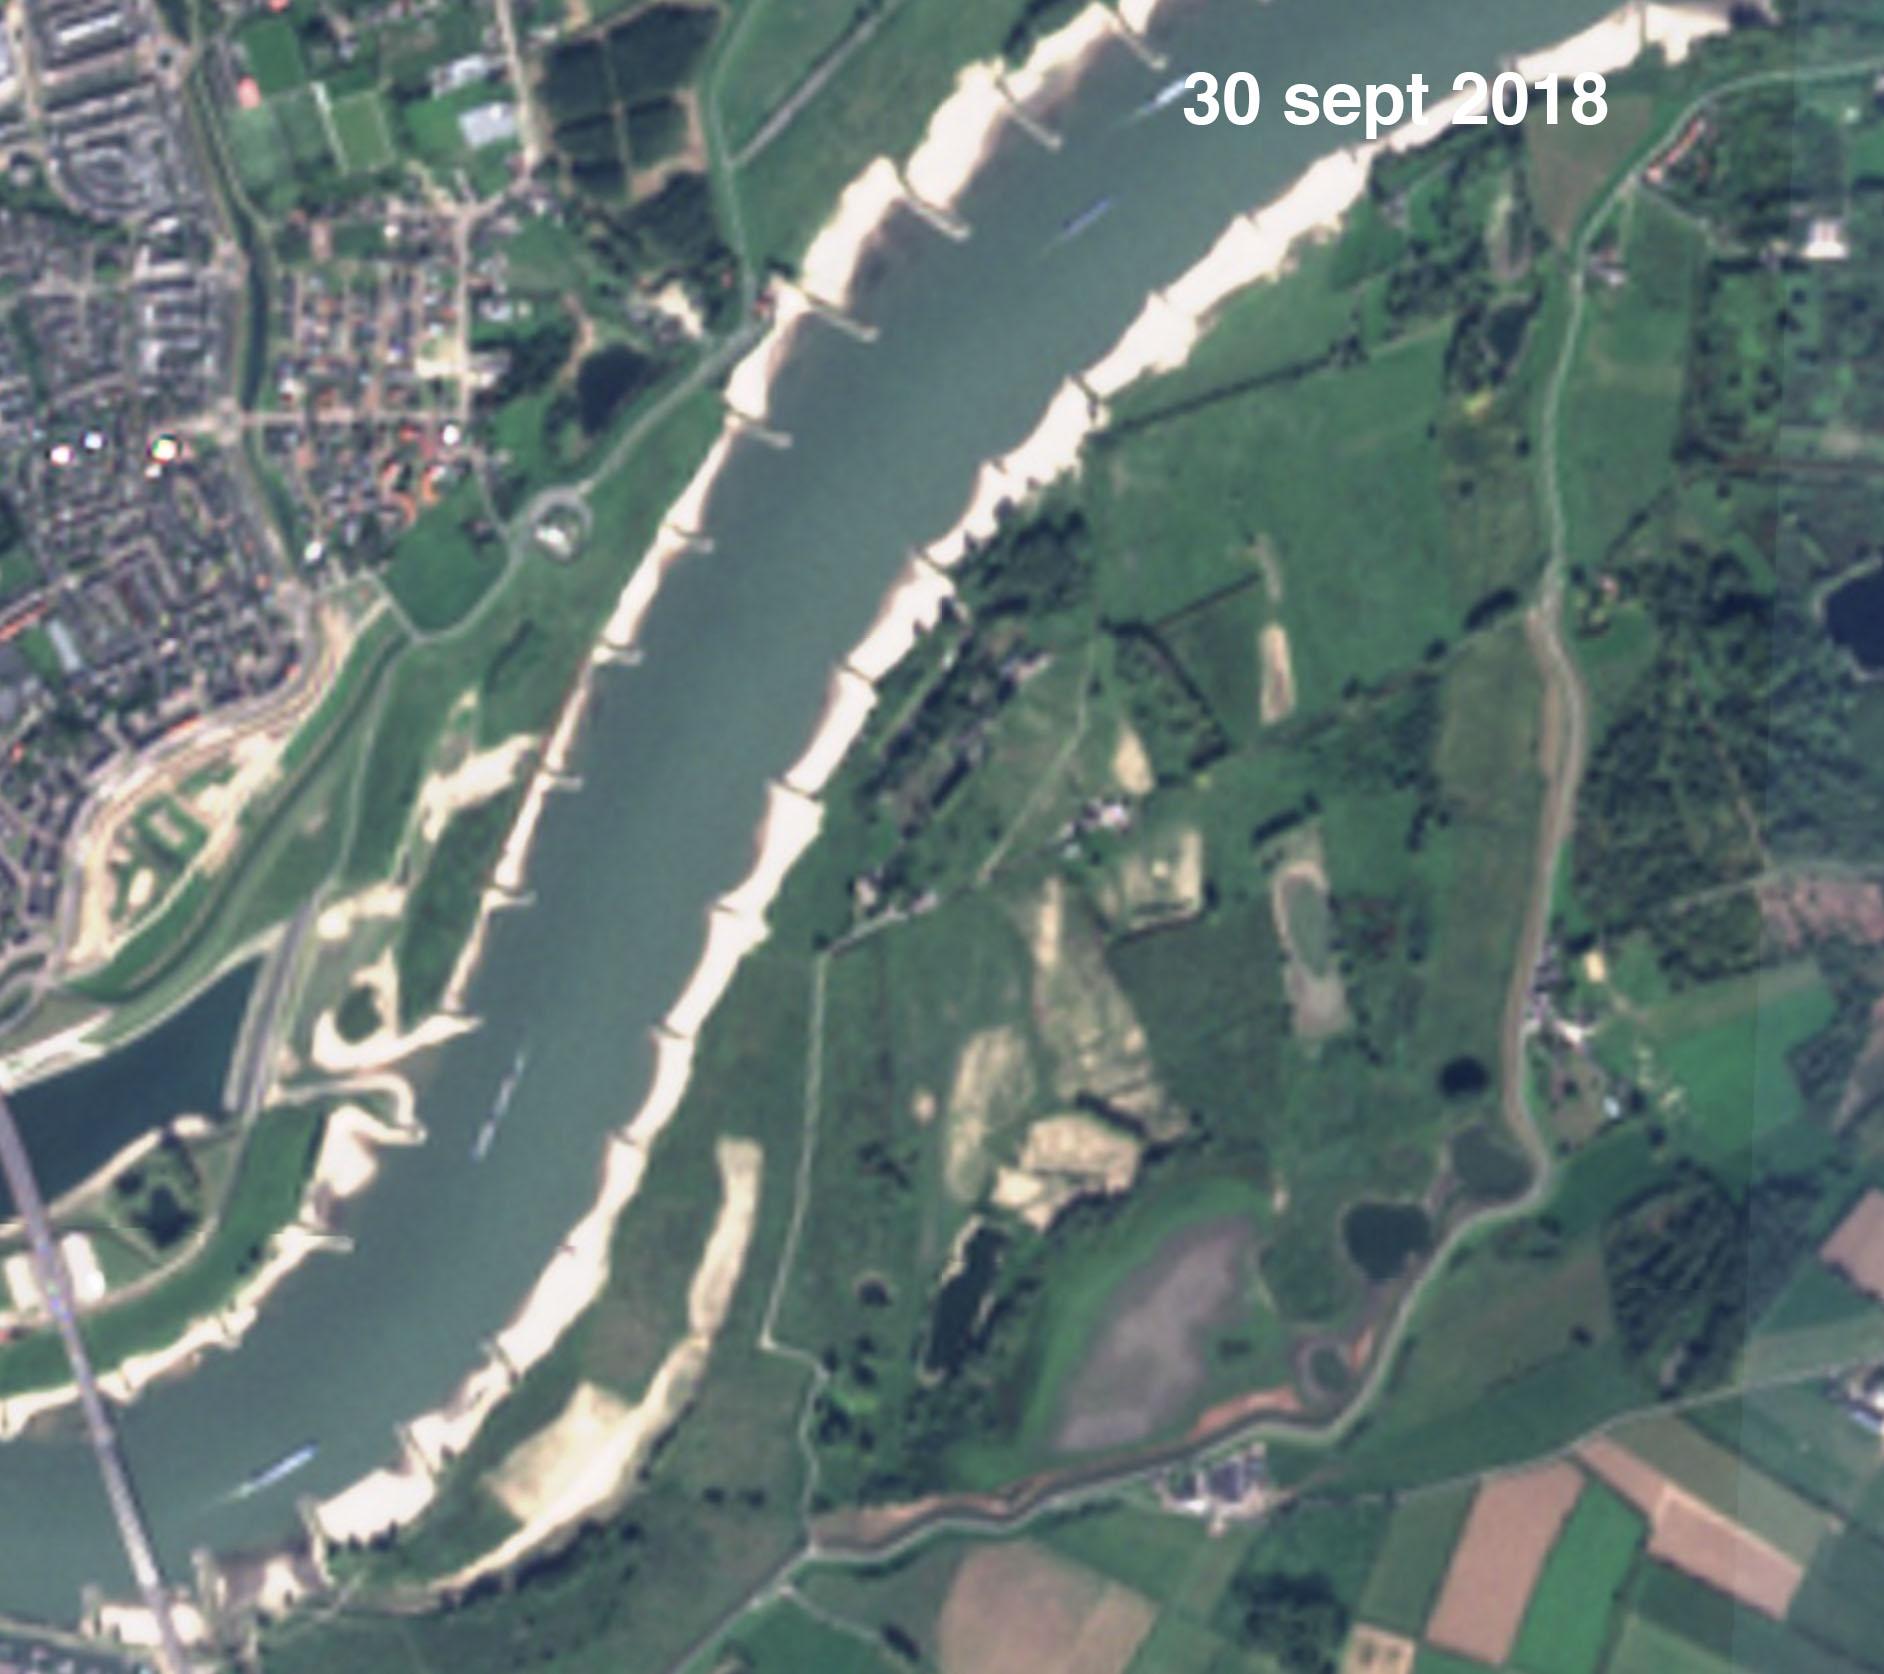 Satellietfoto van de Oude Waal nabij Nijmegen najaar 2018 (bron: https://apps.sentinel-hub.com/sentinel-playground/)